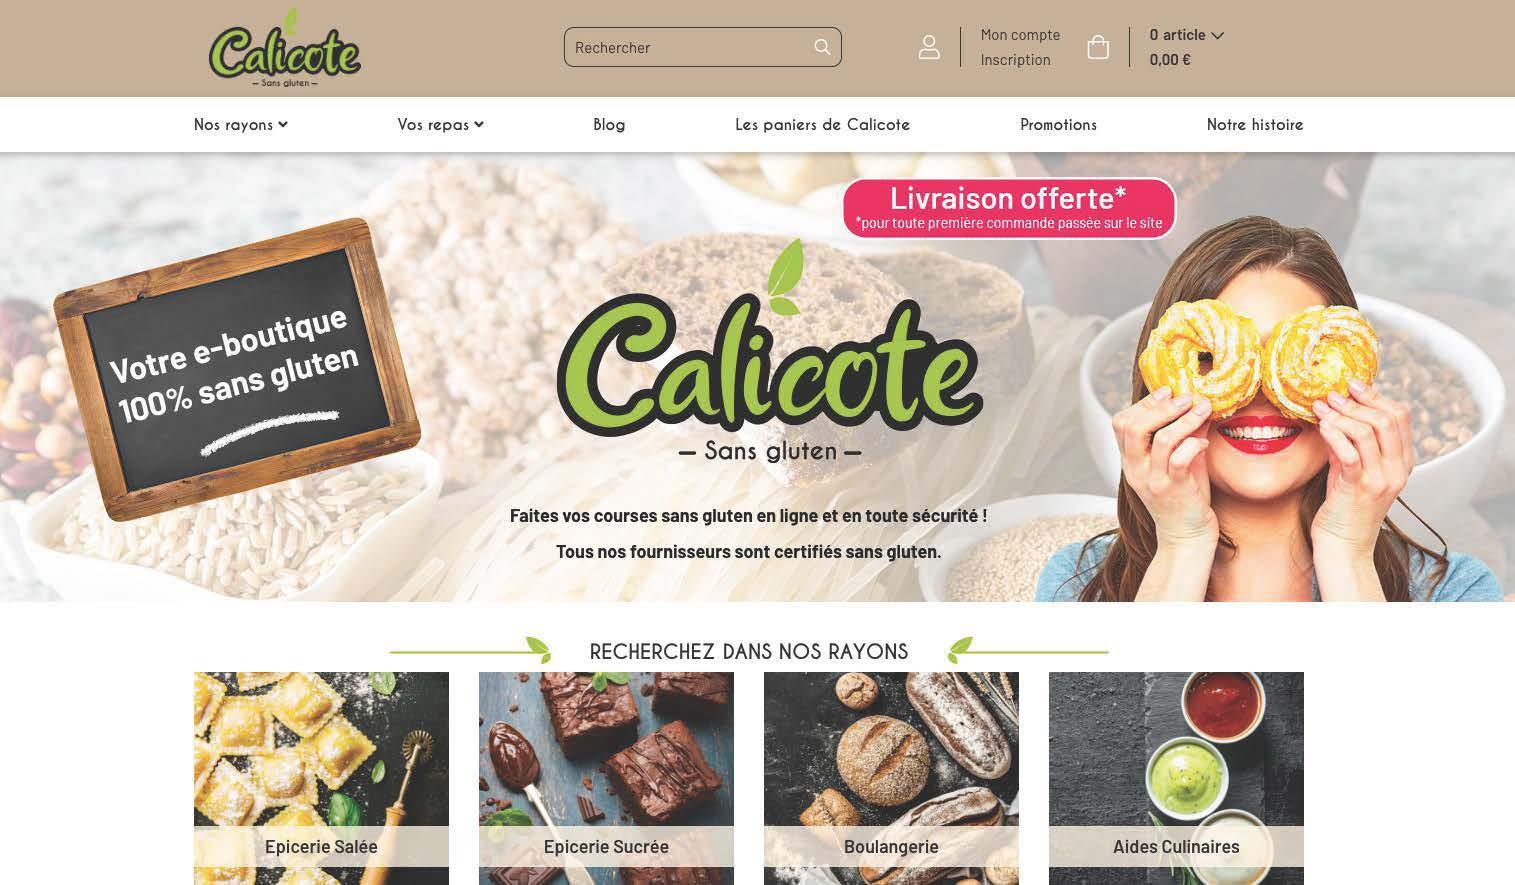 Calicote-Paradeigma-biologique-sans-gluten